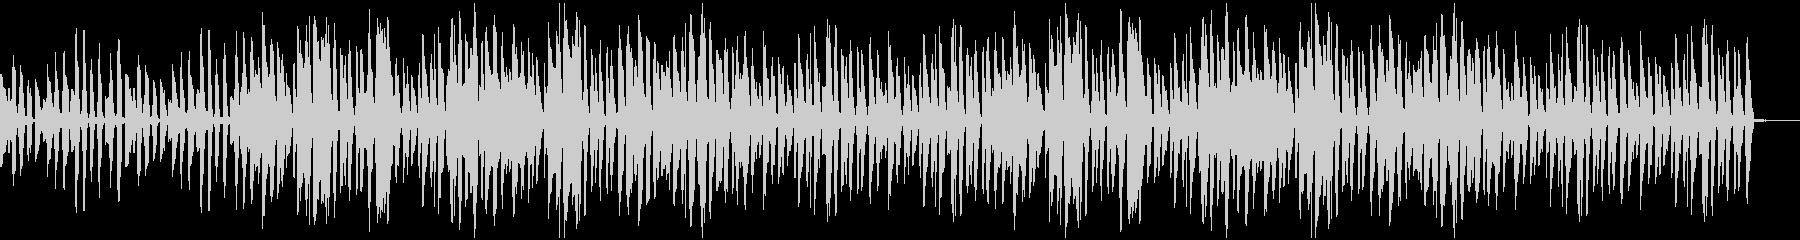 ボサノヴァ風 ほのぼのしたギターサウンドの未再生の波形